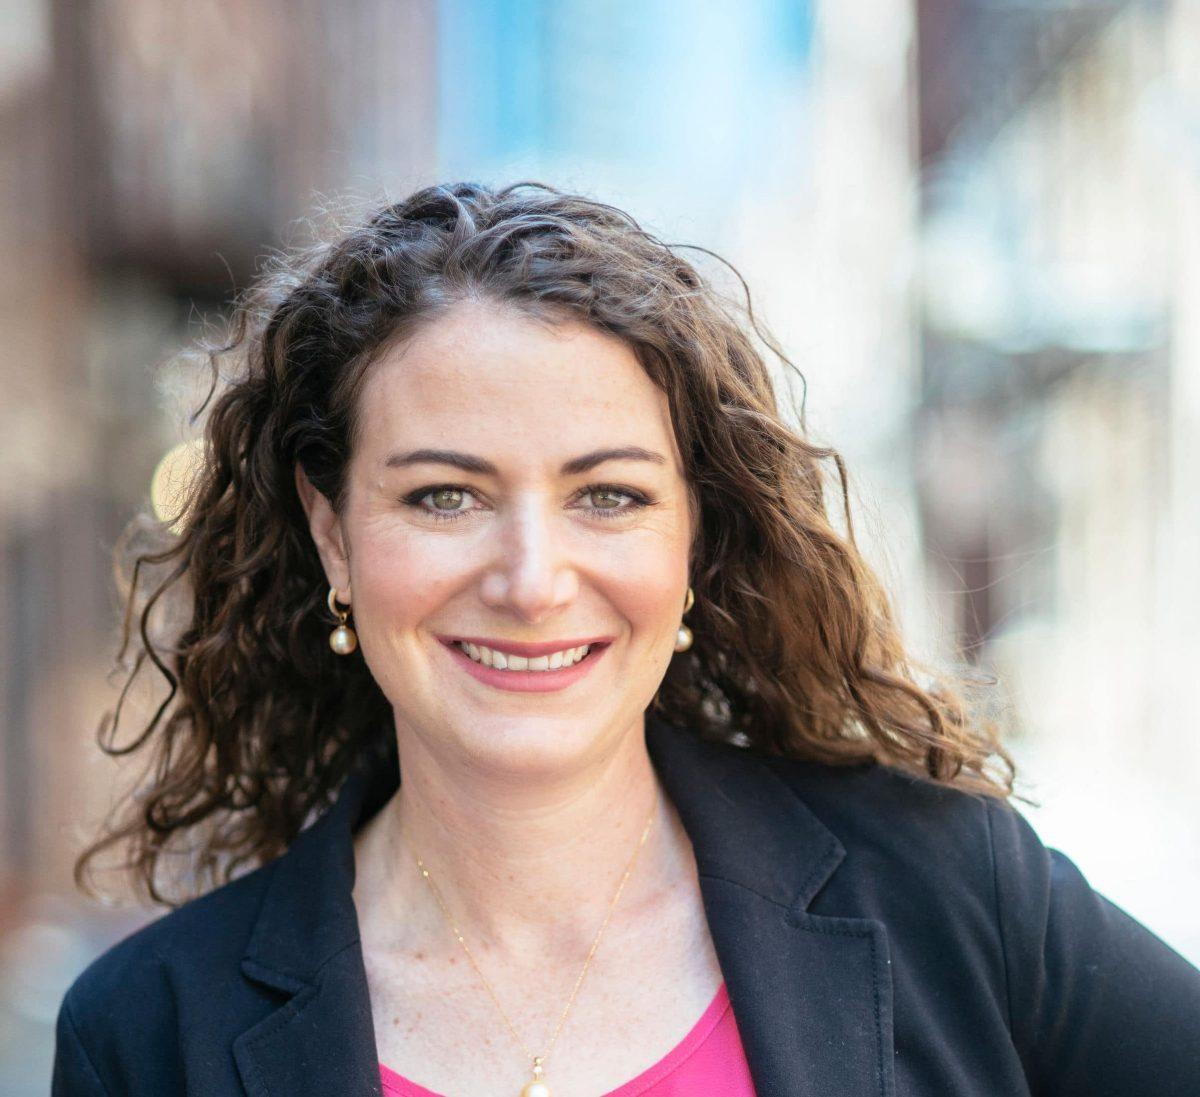 Michelle Klieger